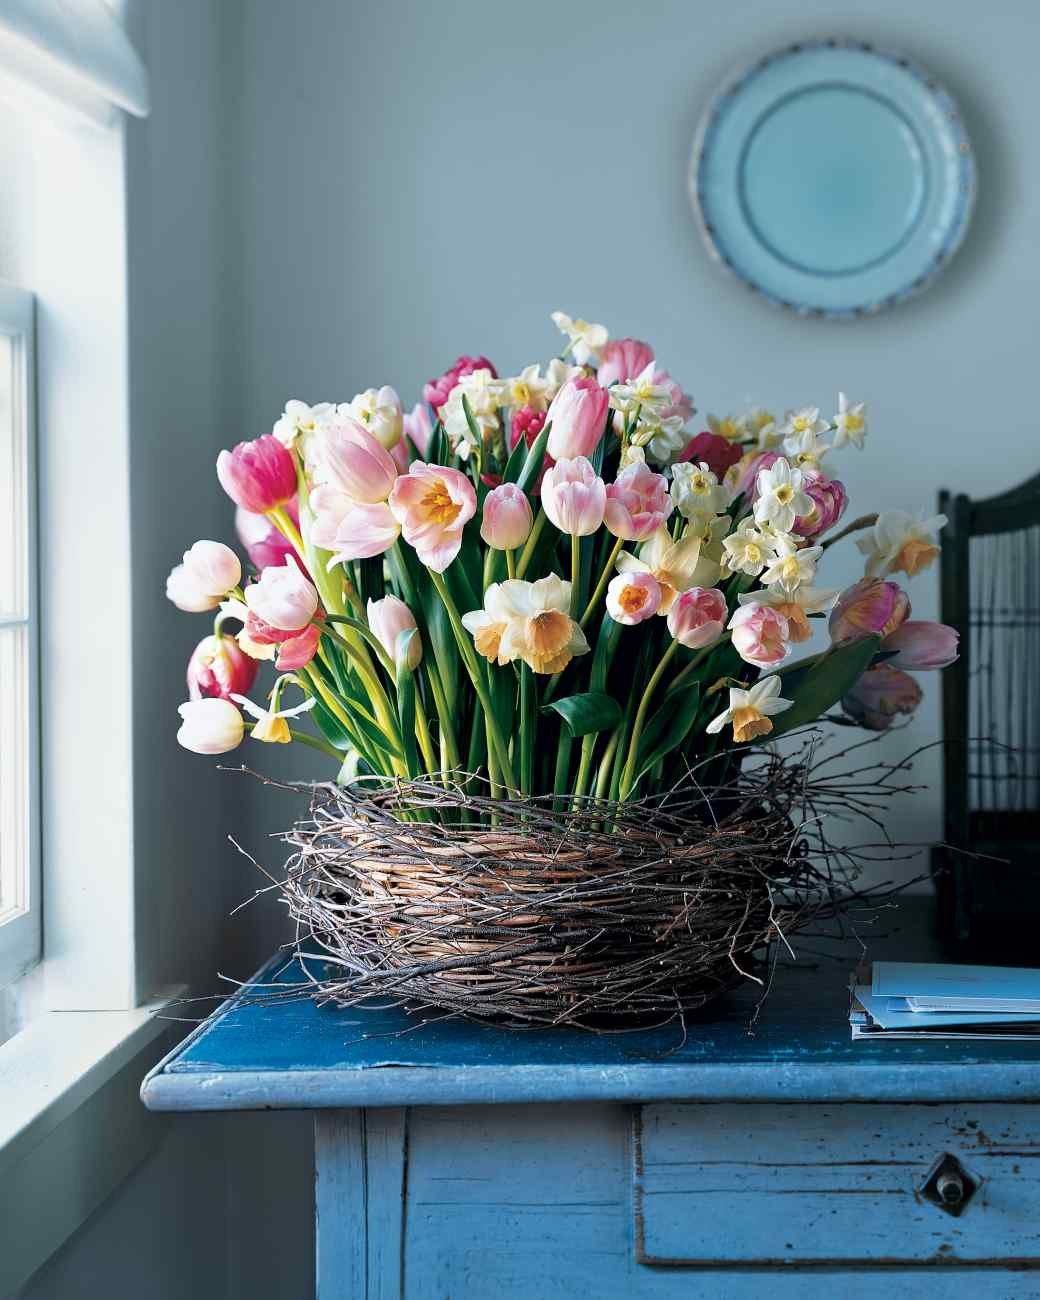 Можно ли держать в доме искусственные цветы и какие именно